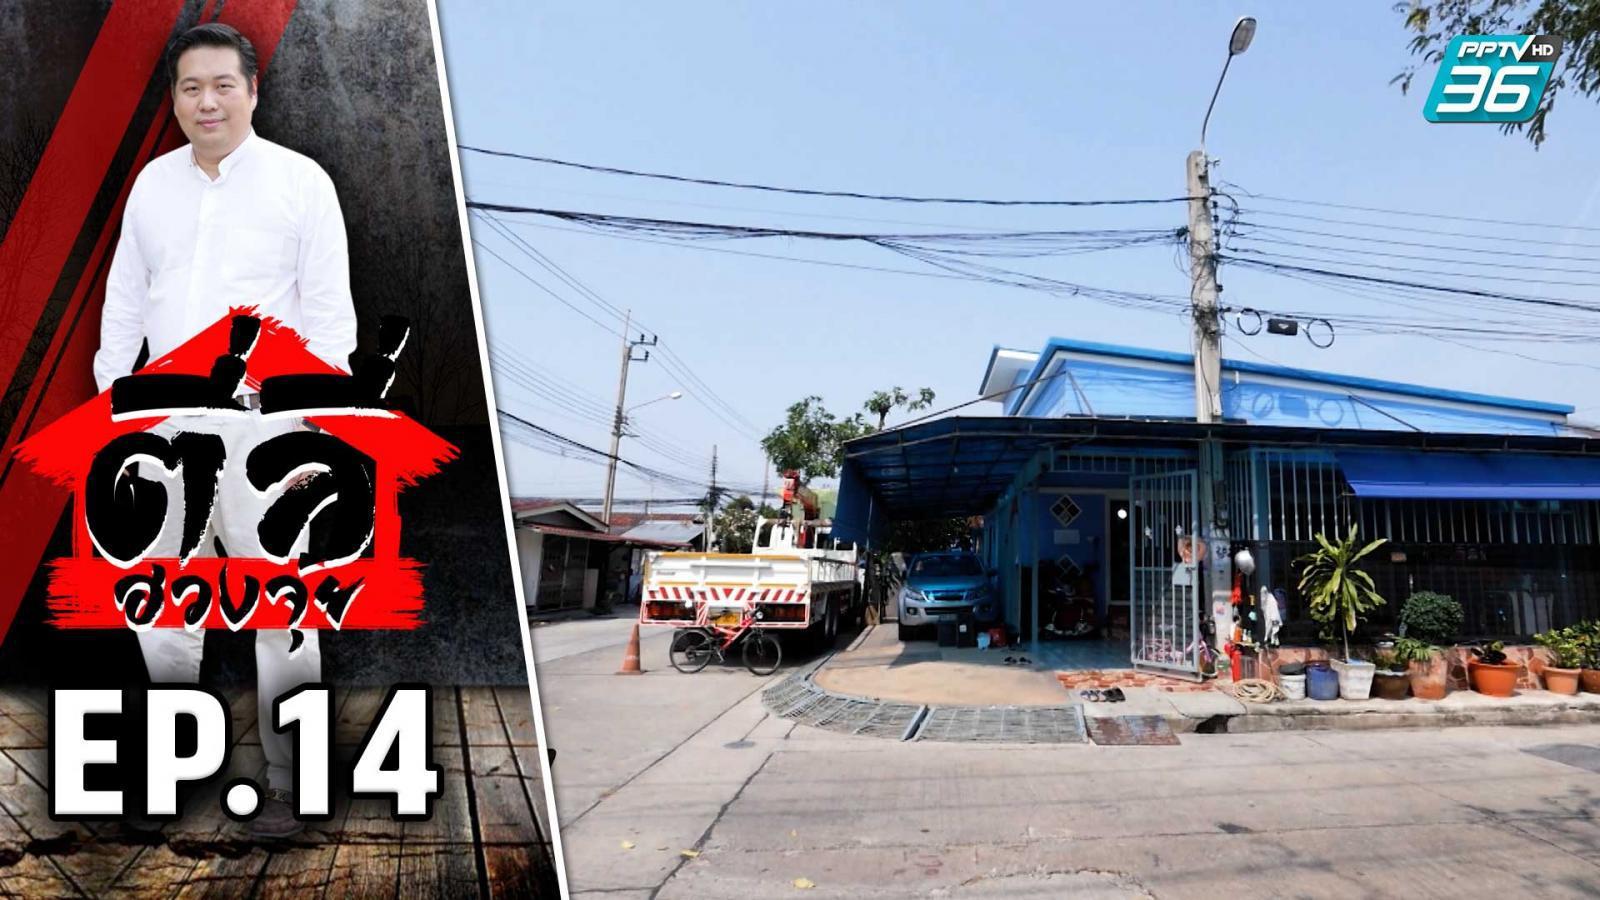 ตี่ลี่ฮวงจุ้ย | ตอน บ้านทาง 4 แยก EP.14 | PPTV HD 36